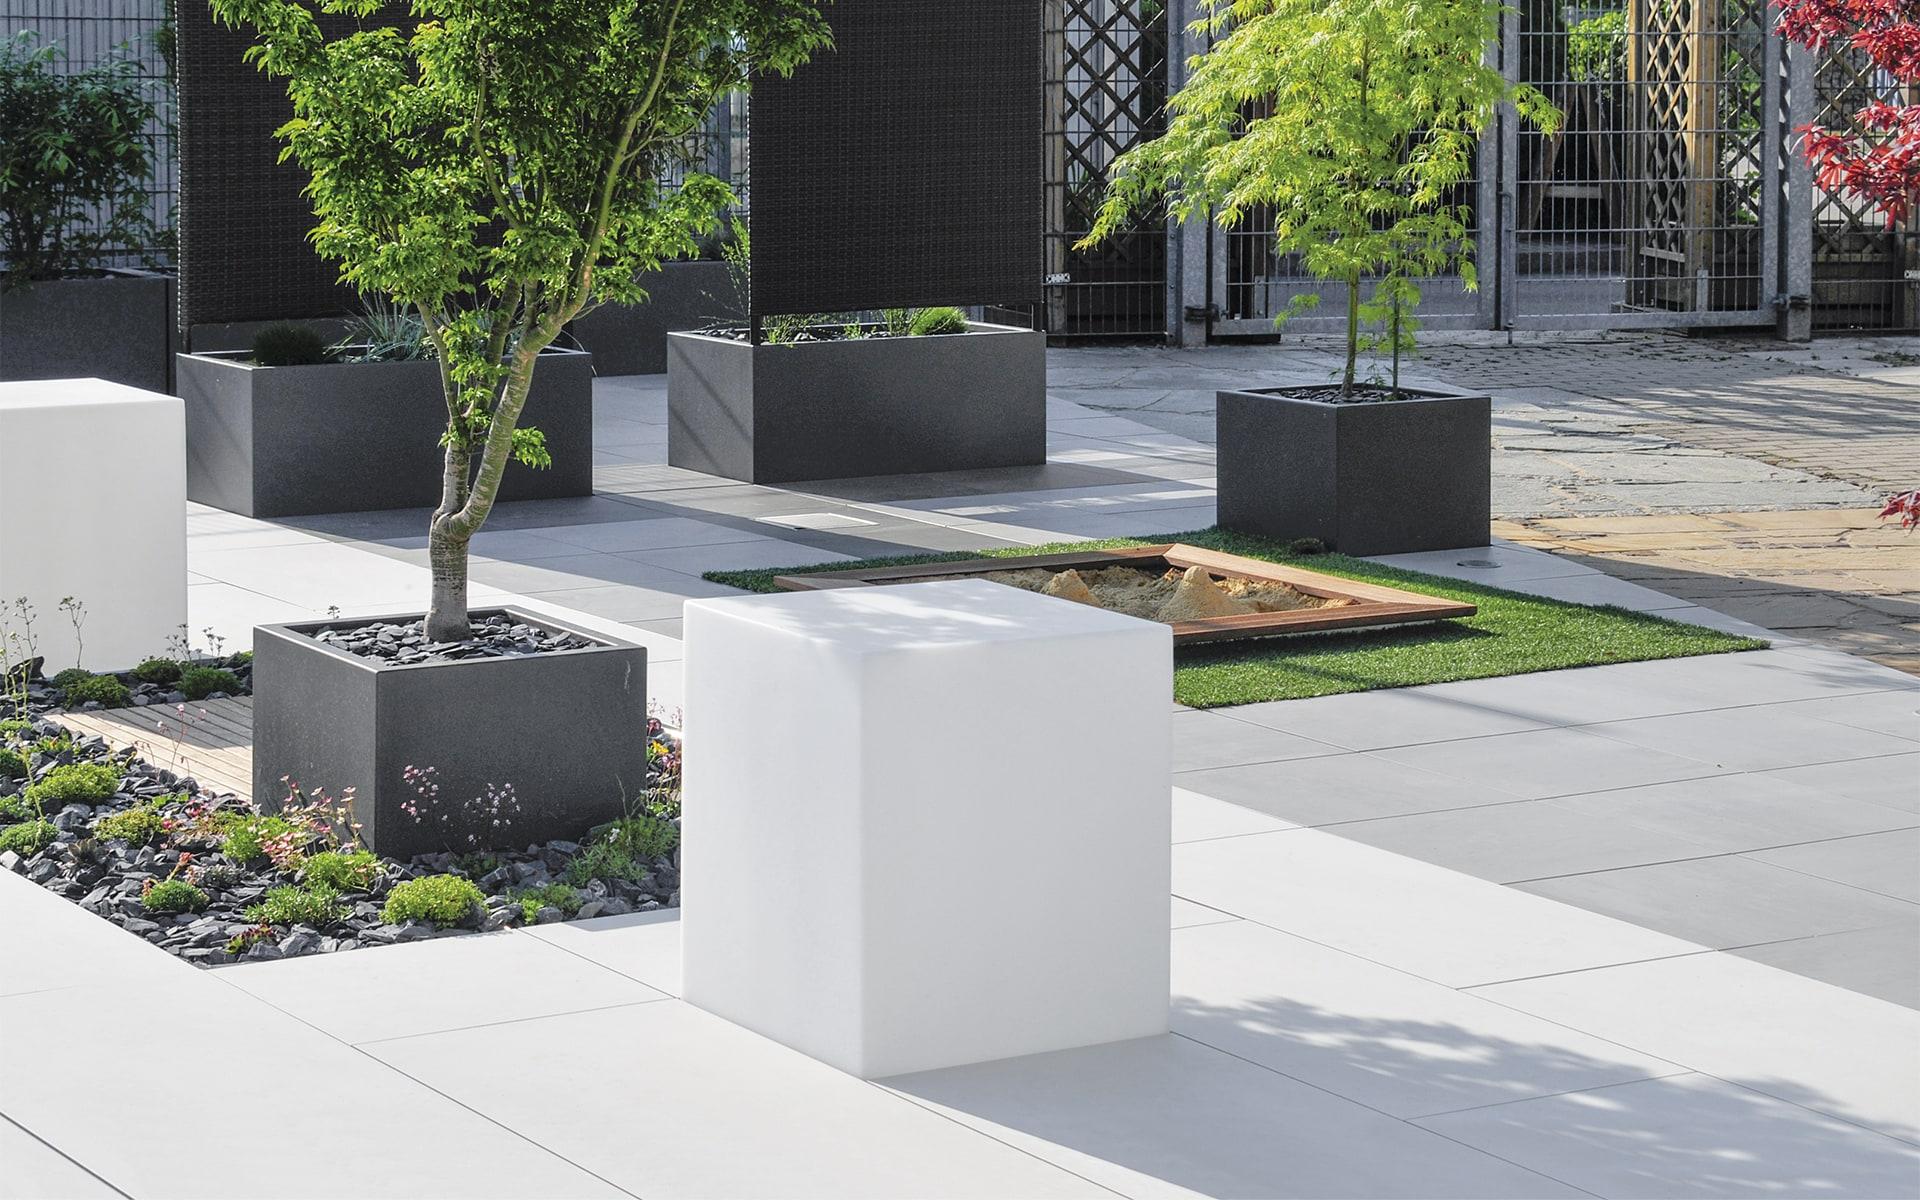 Modulares Terrassensystem Sunderra Scape von ITO Design mit Pflanzenkübeln, Sitzblöcken und Sandkasten